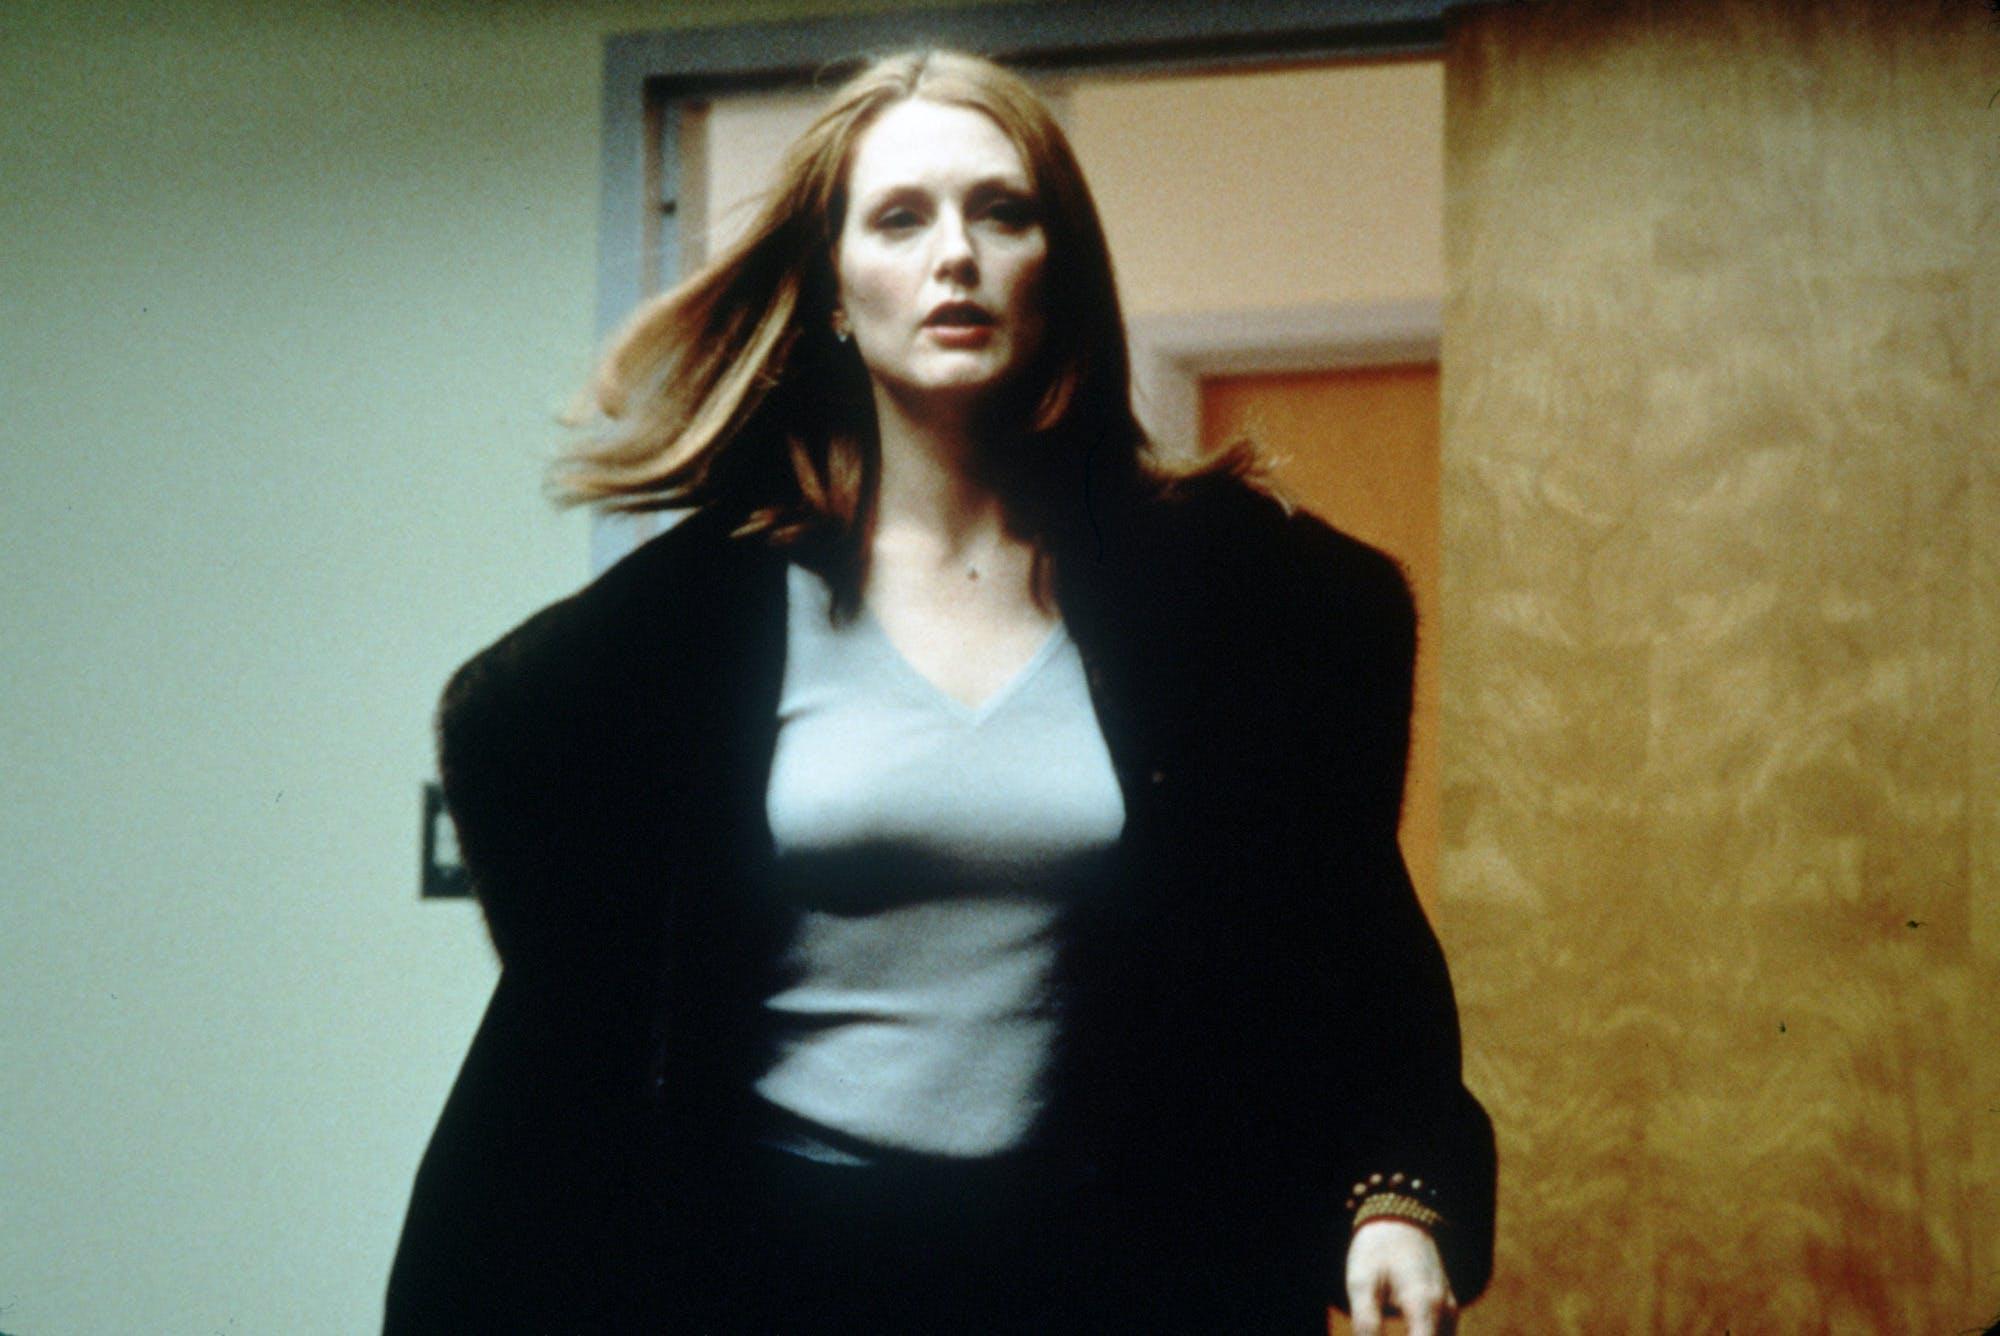 Julianne Moore in 'Magnolia.'